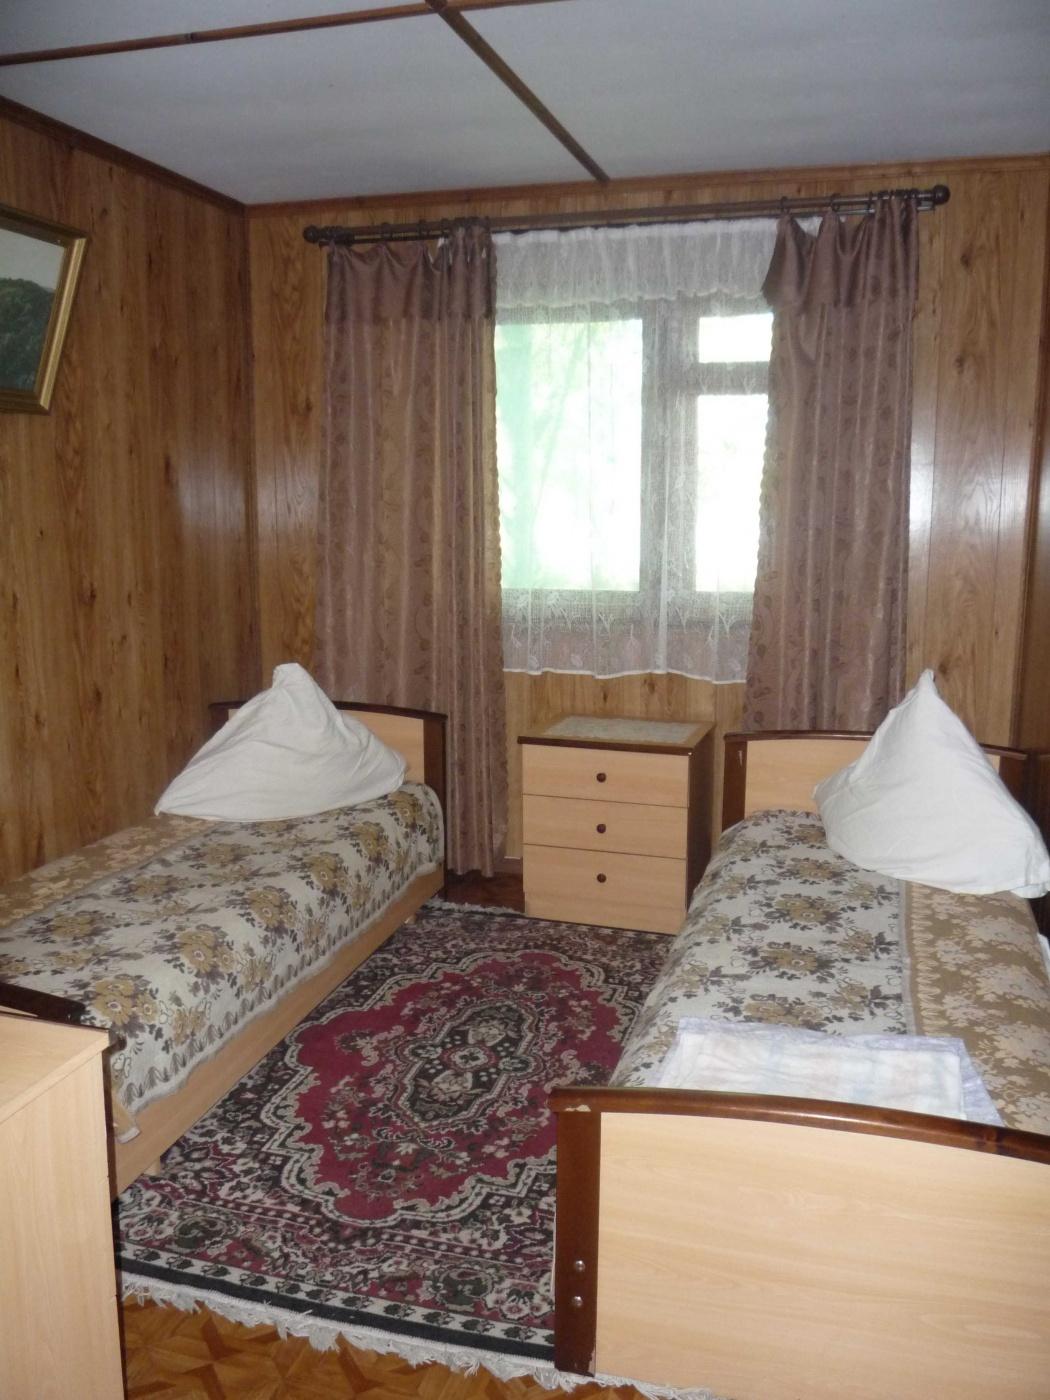 База отдыха «Парус» Астраханская область Домик № 8 («Визави Хаус»), фото 4